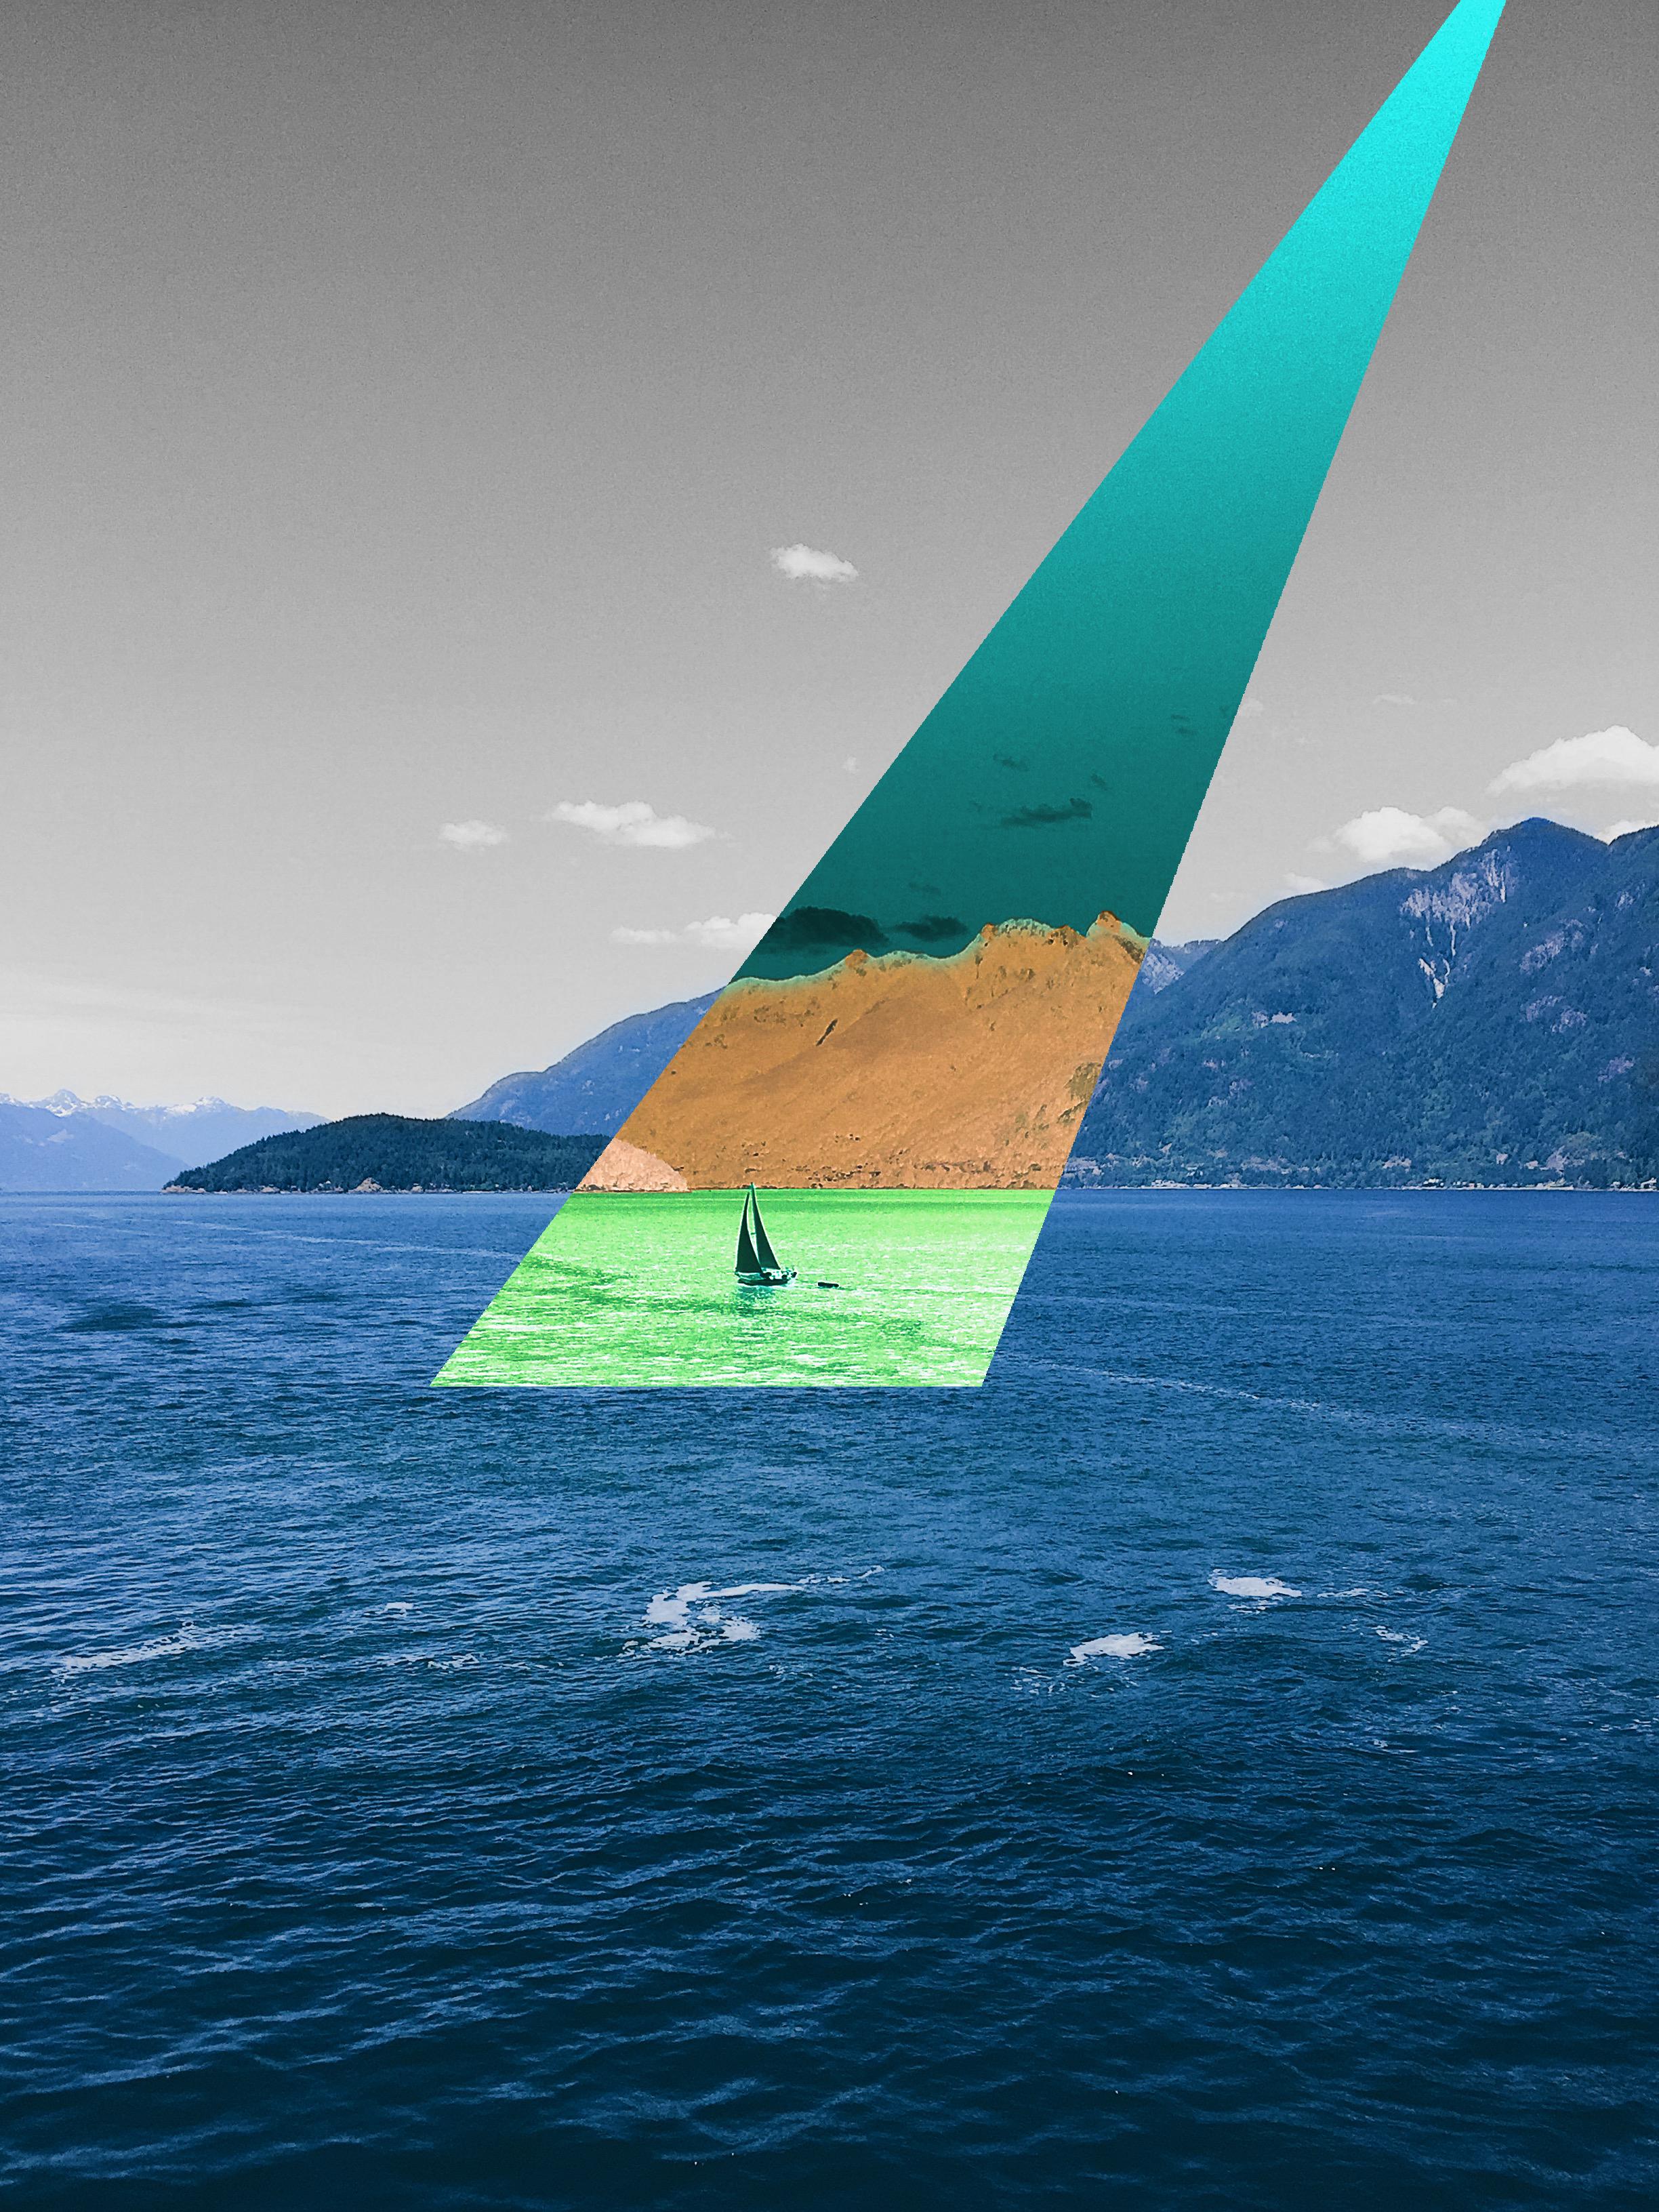 4of3_sailboat1.png